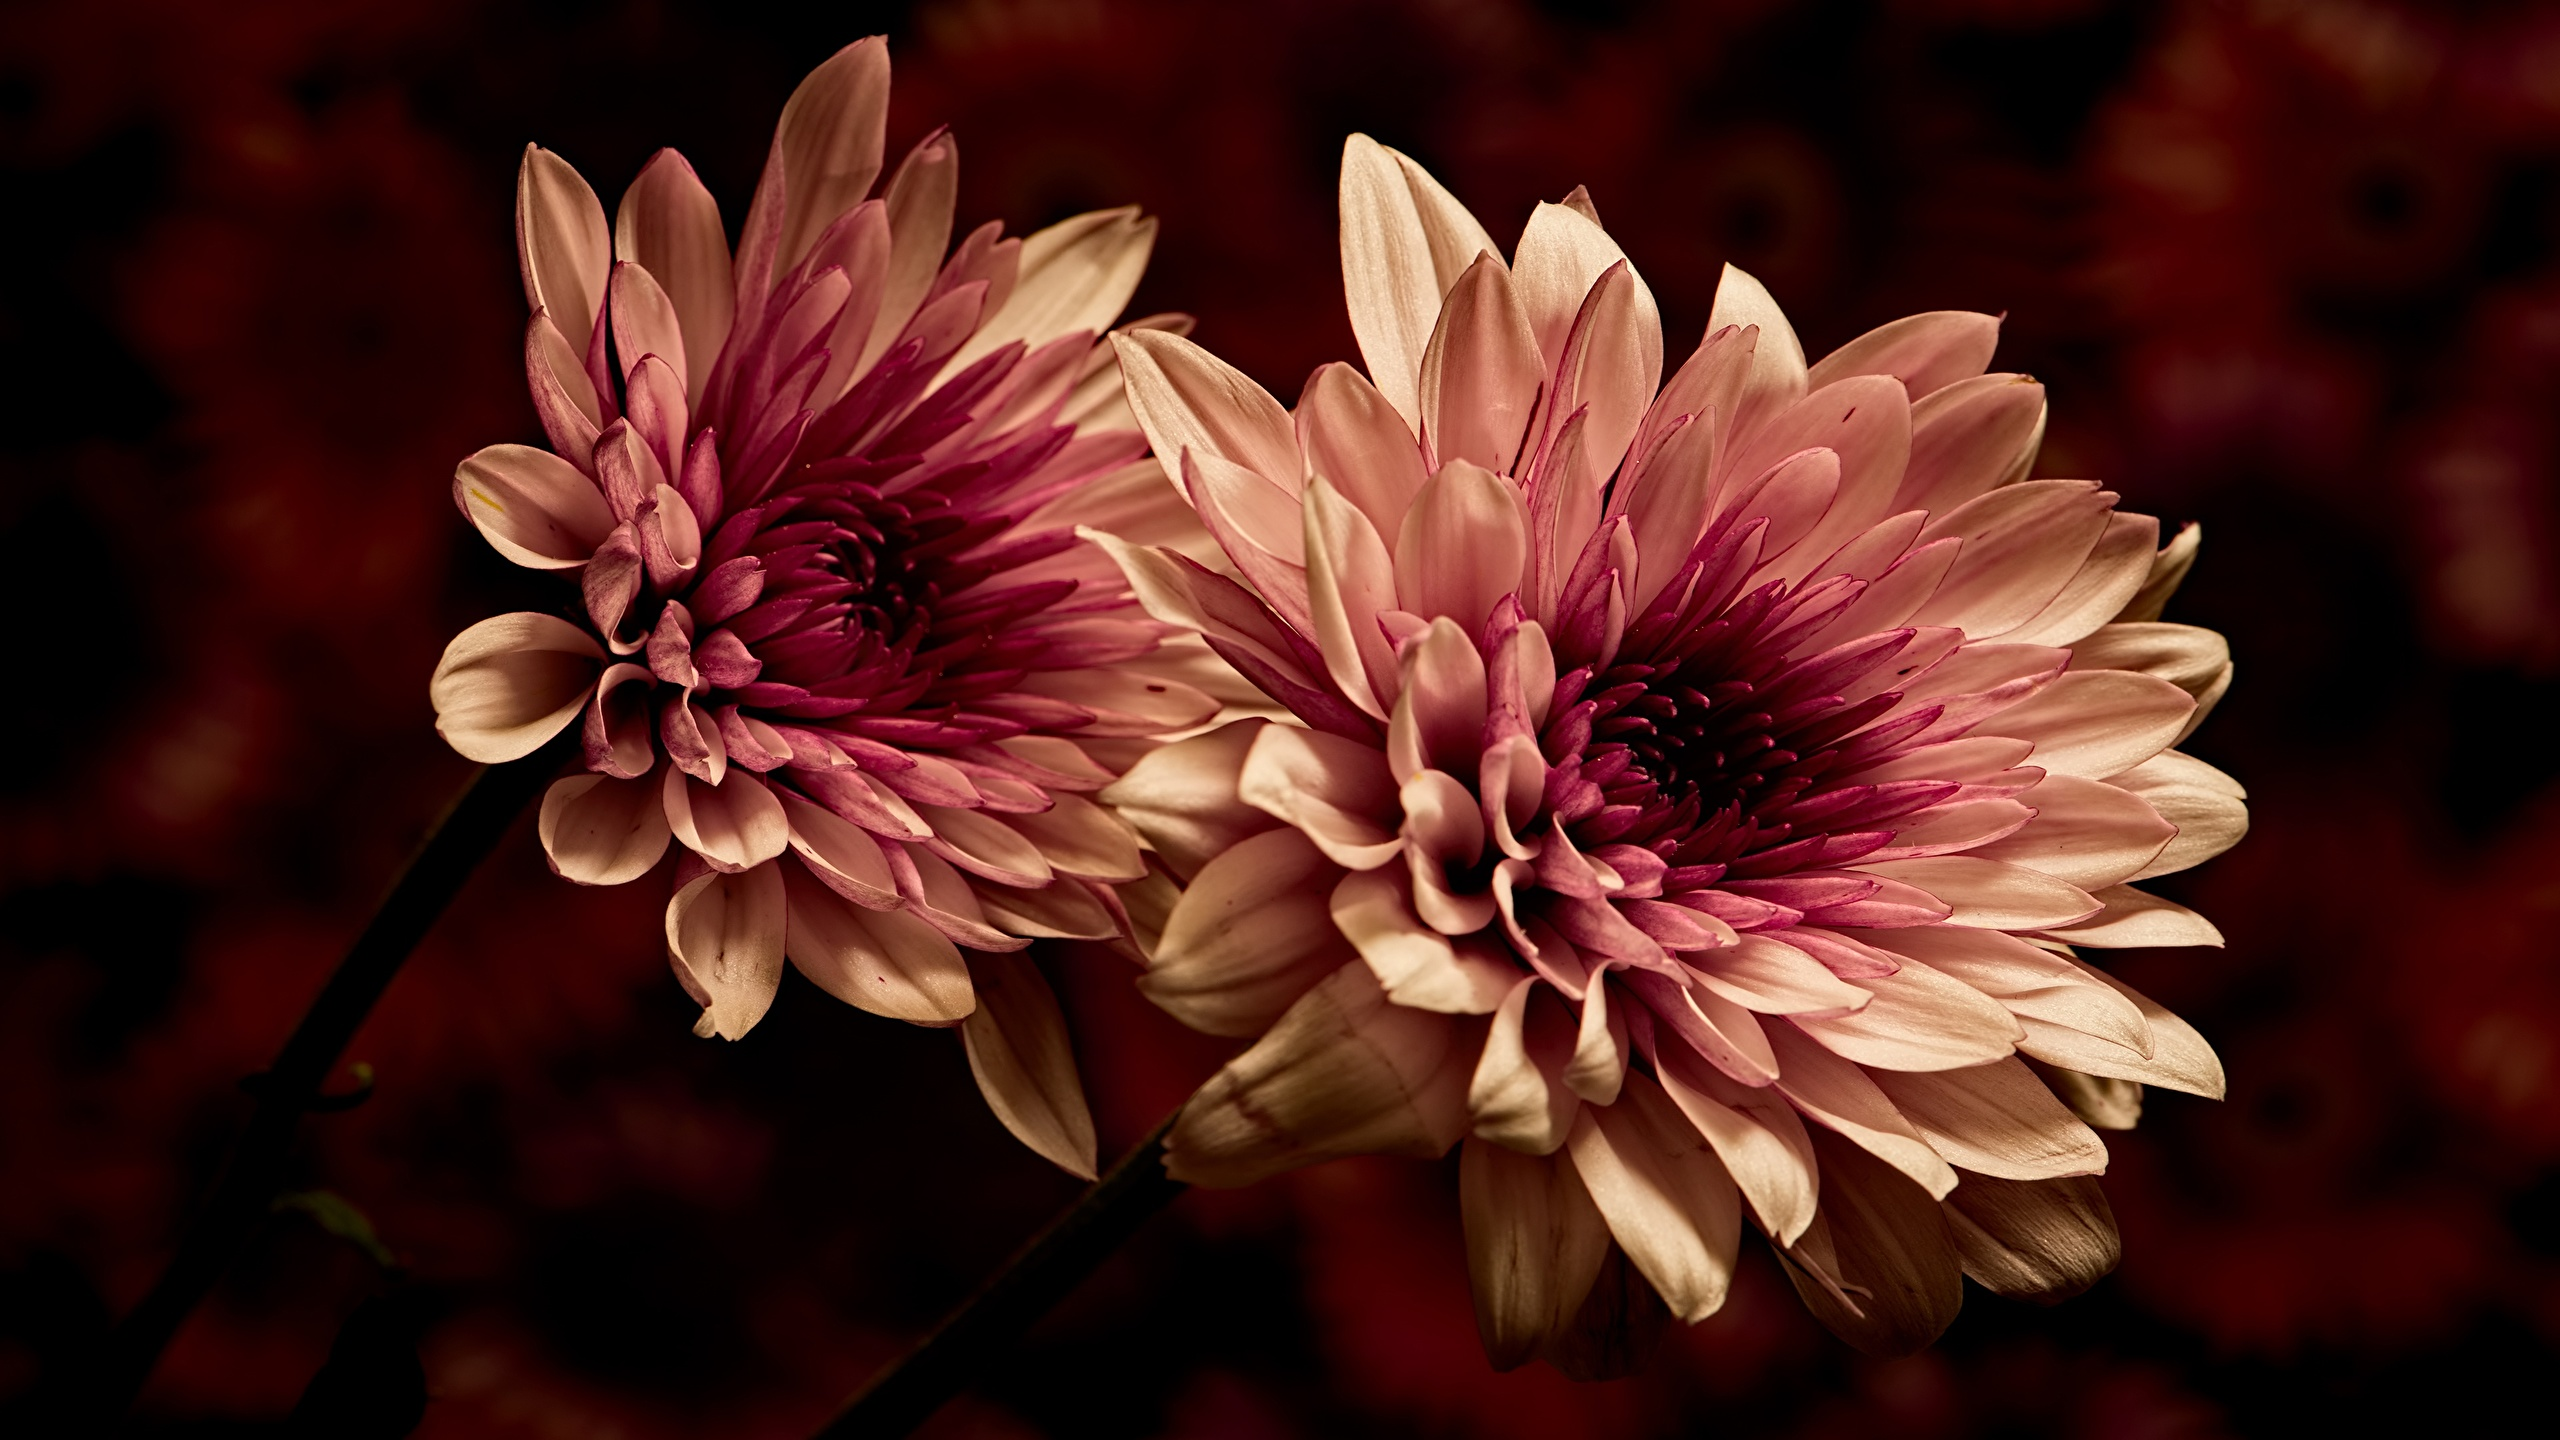 Image Two Dahlias Flowers Closeup 2560x1440 2 flower